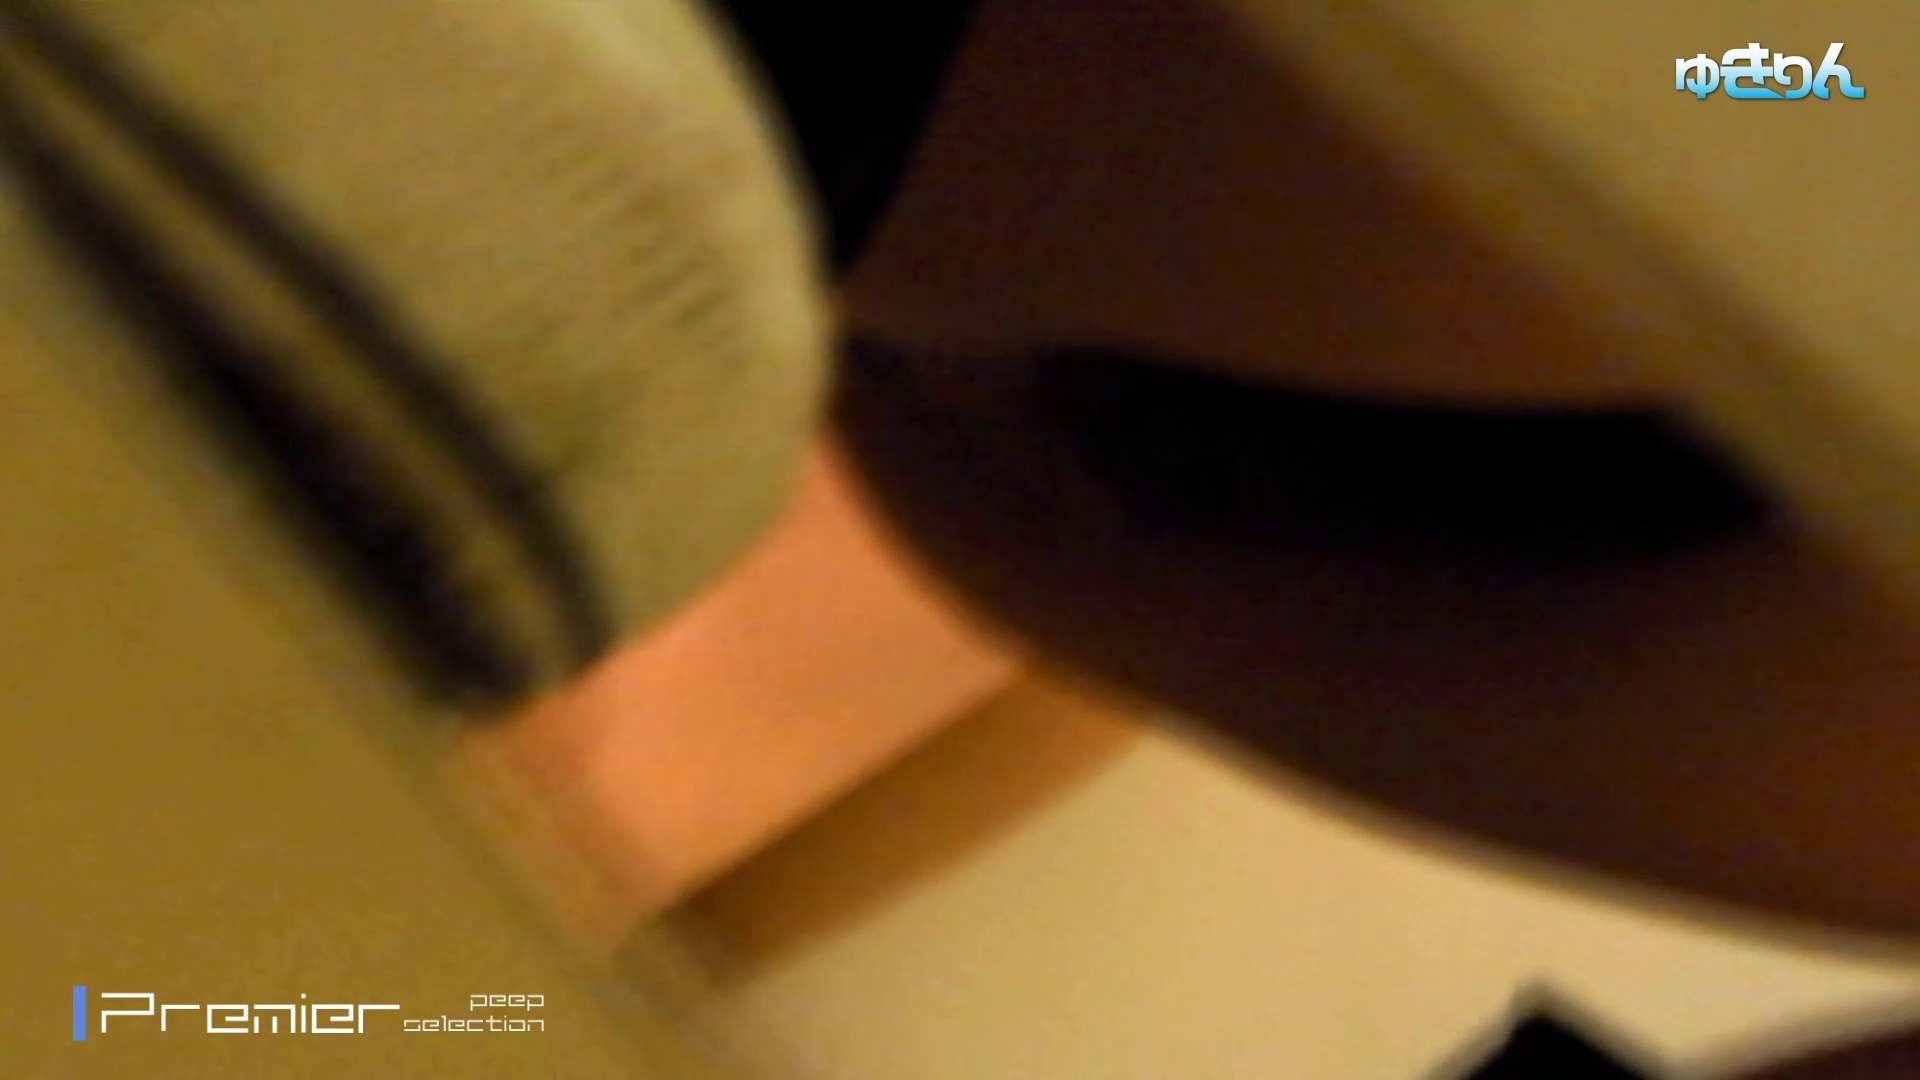 新世界の射窓 No97 ドアップの空爆 高画質 ヌード画像 100枚 25